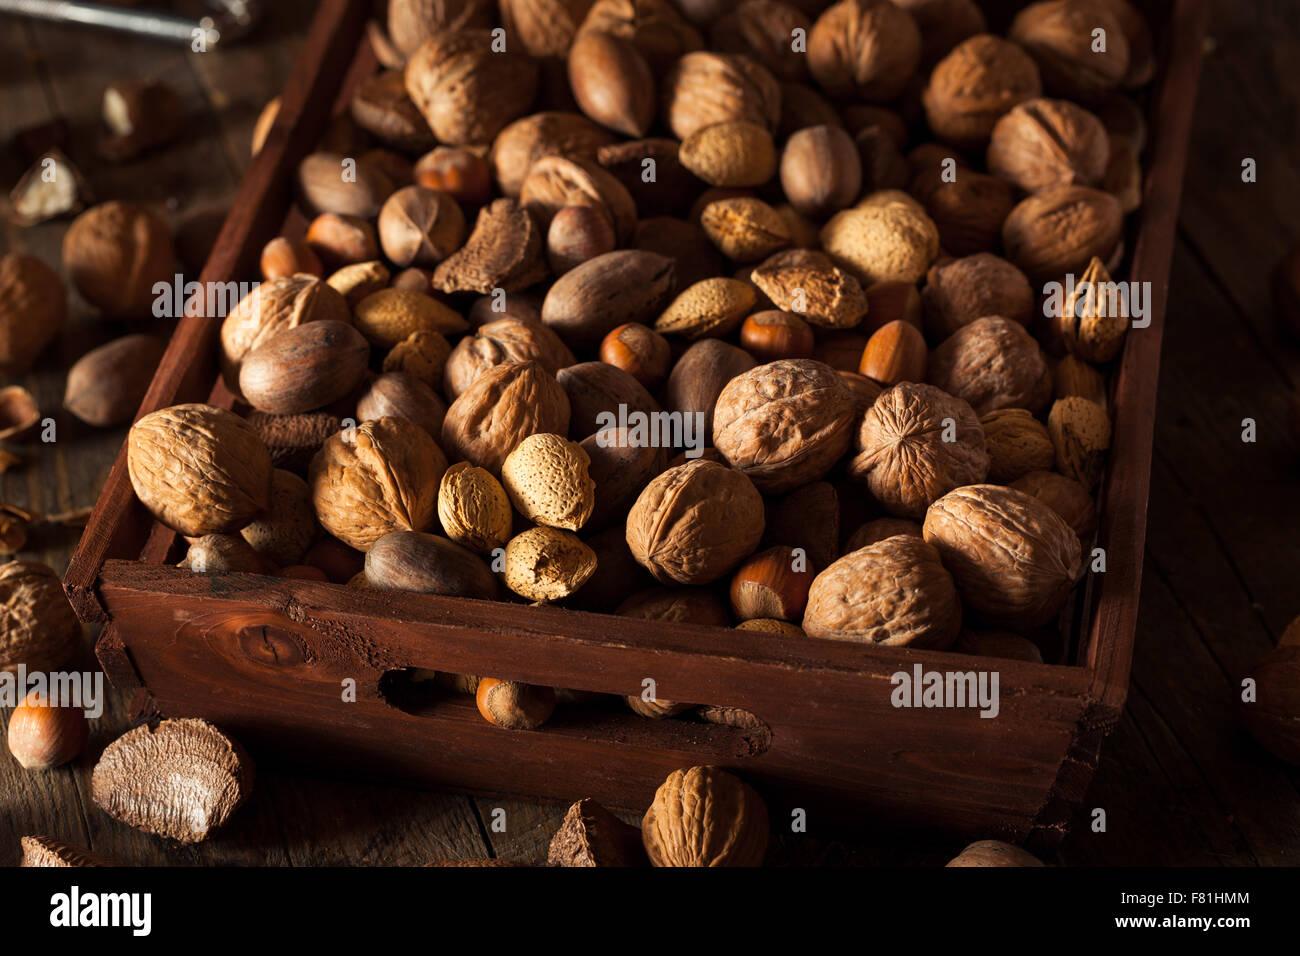 Surtido orgánicos mezclados con almendras y Nueces Nueces pacanas Imagen De Stock